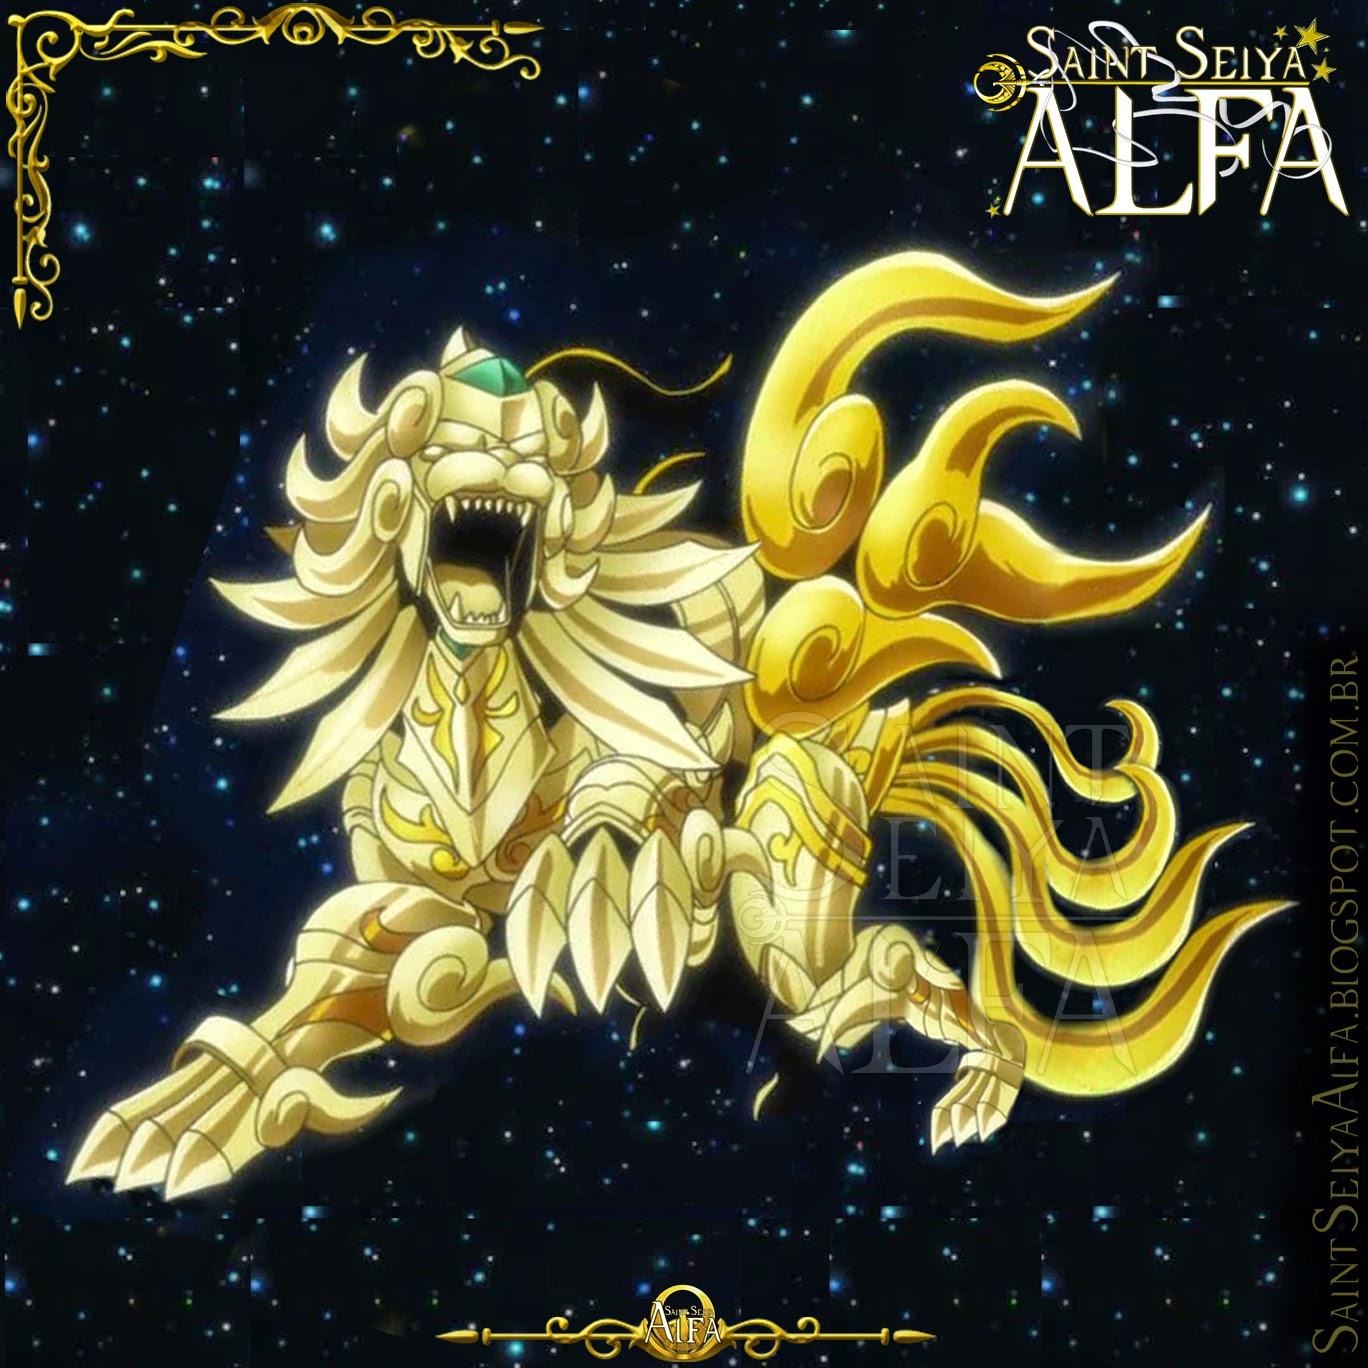 [Comentários] Saint Seiya - Soul of Gold - Página 10 C%2B005